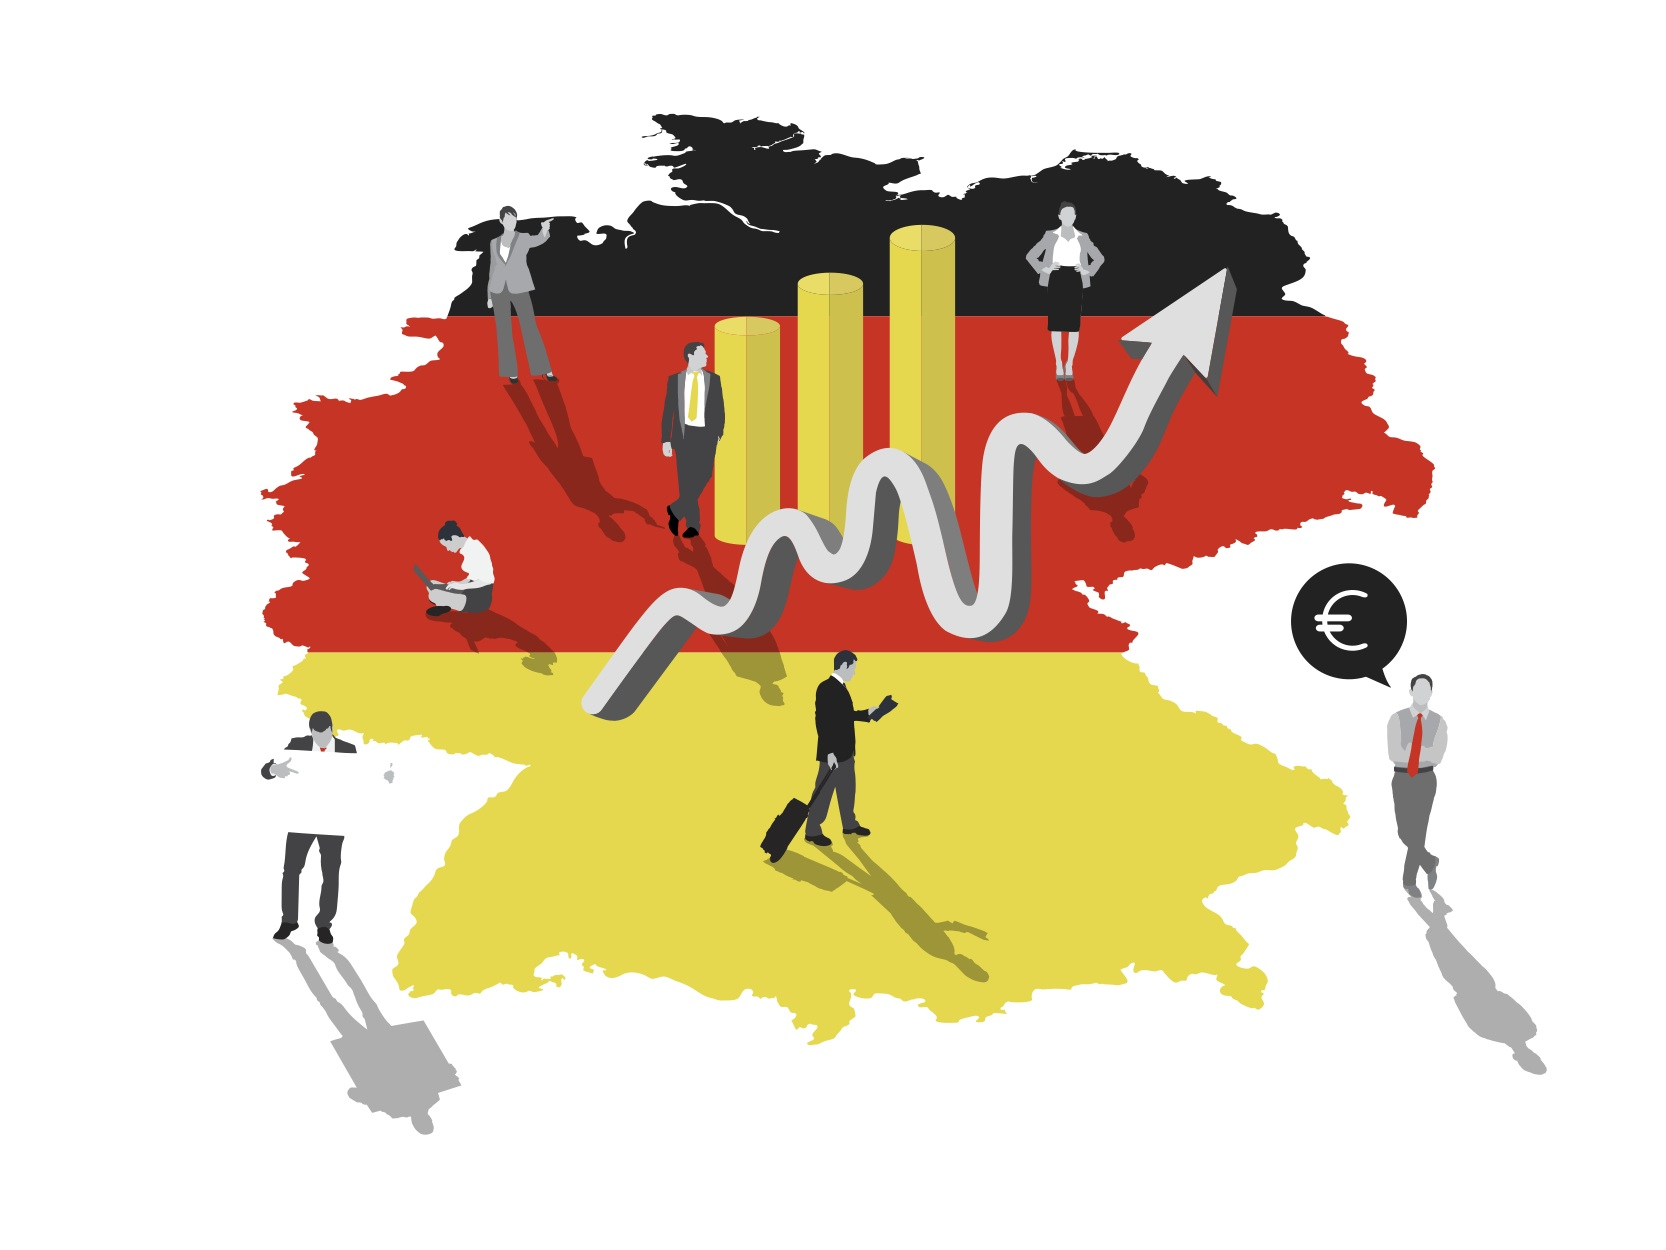 الحكومة الألمانية ترفع توقعاتها للنمو الاقتصادي خلال 2018